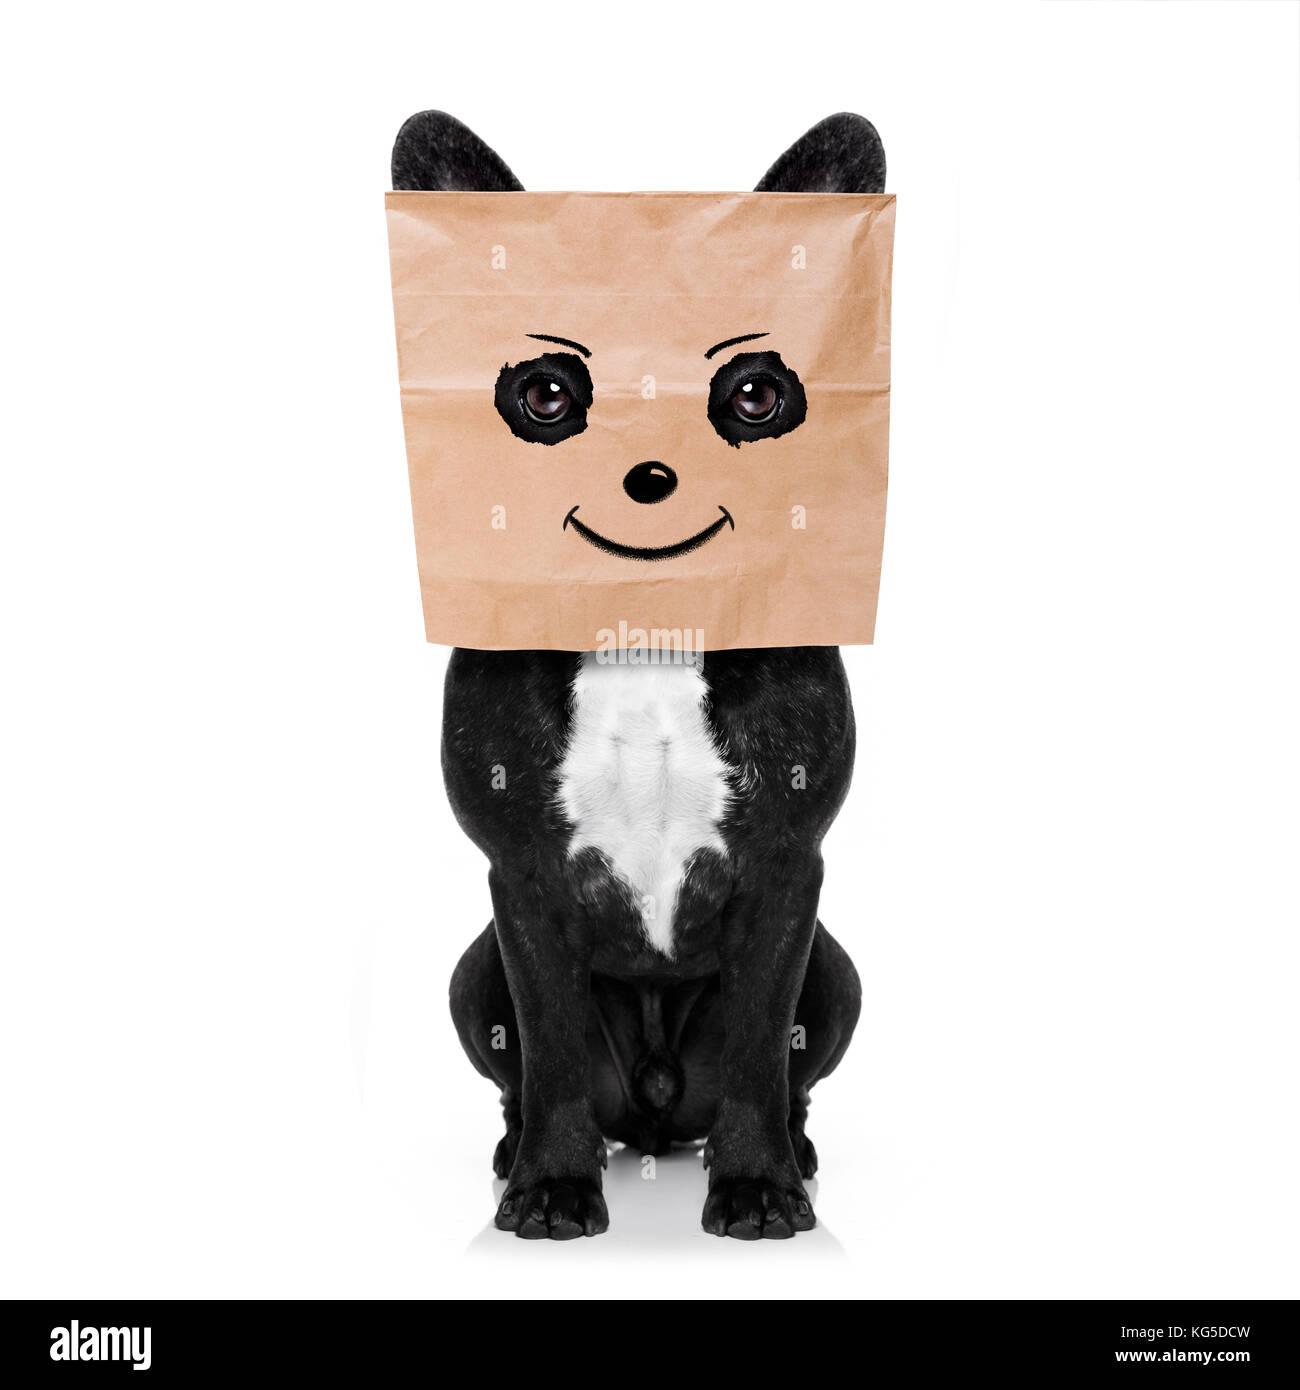 Gerne französische Bulldogge, mit einem Smiley smile Zeichnung, versteckt hinter einer Papiertüte auf Stockbild